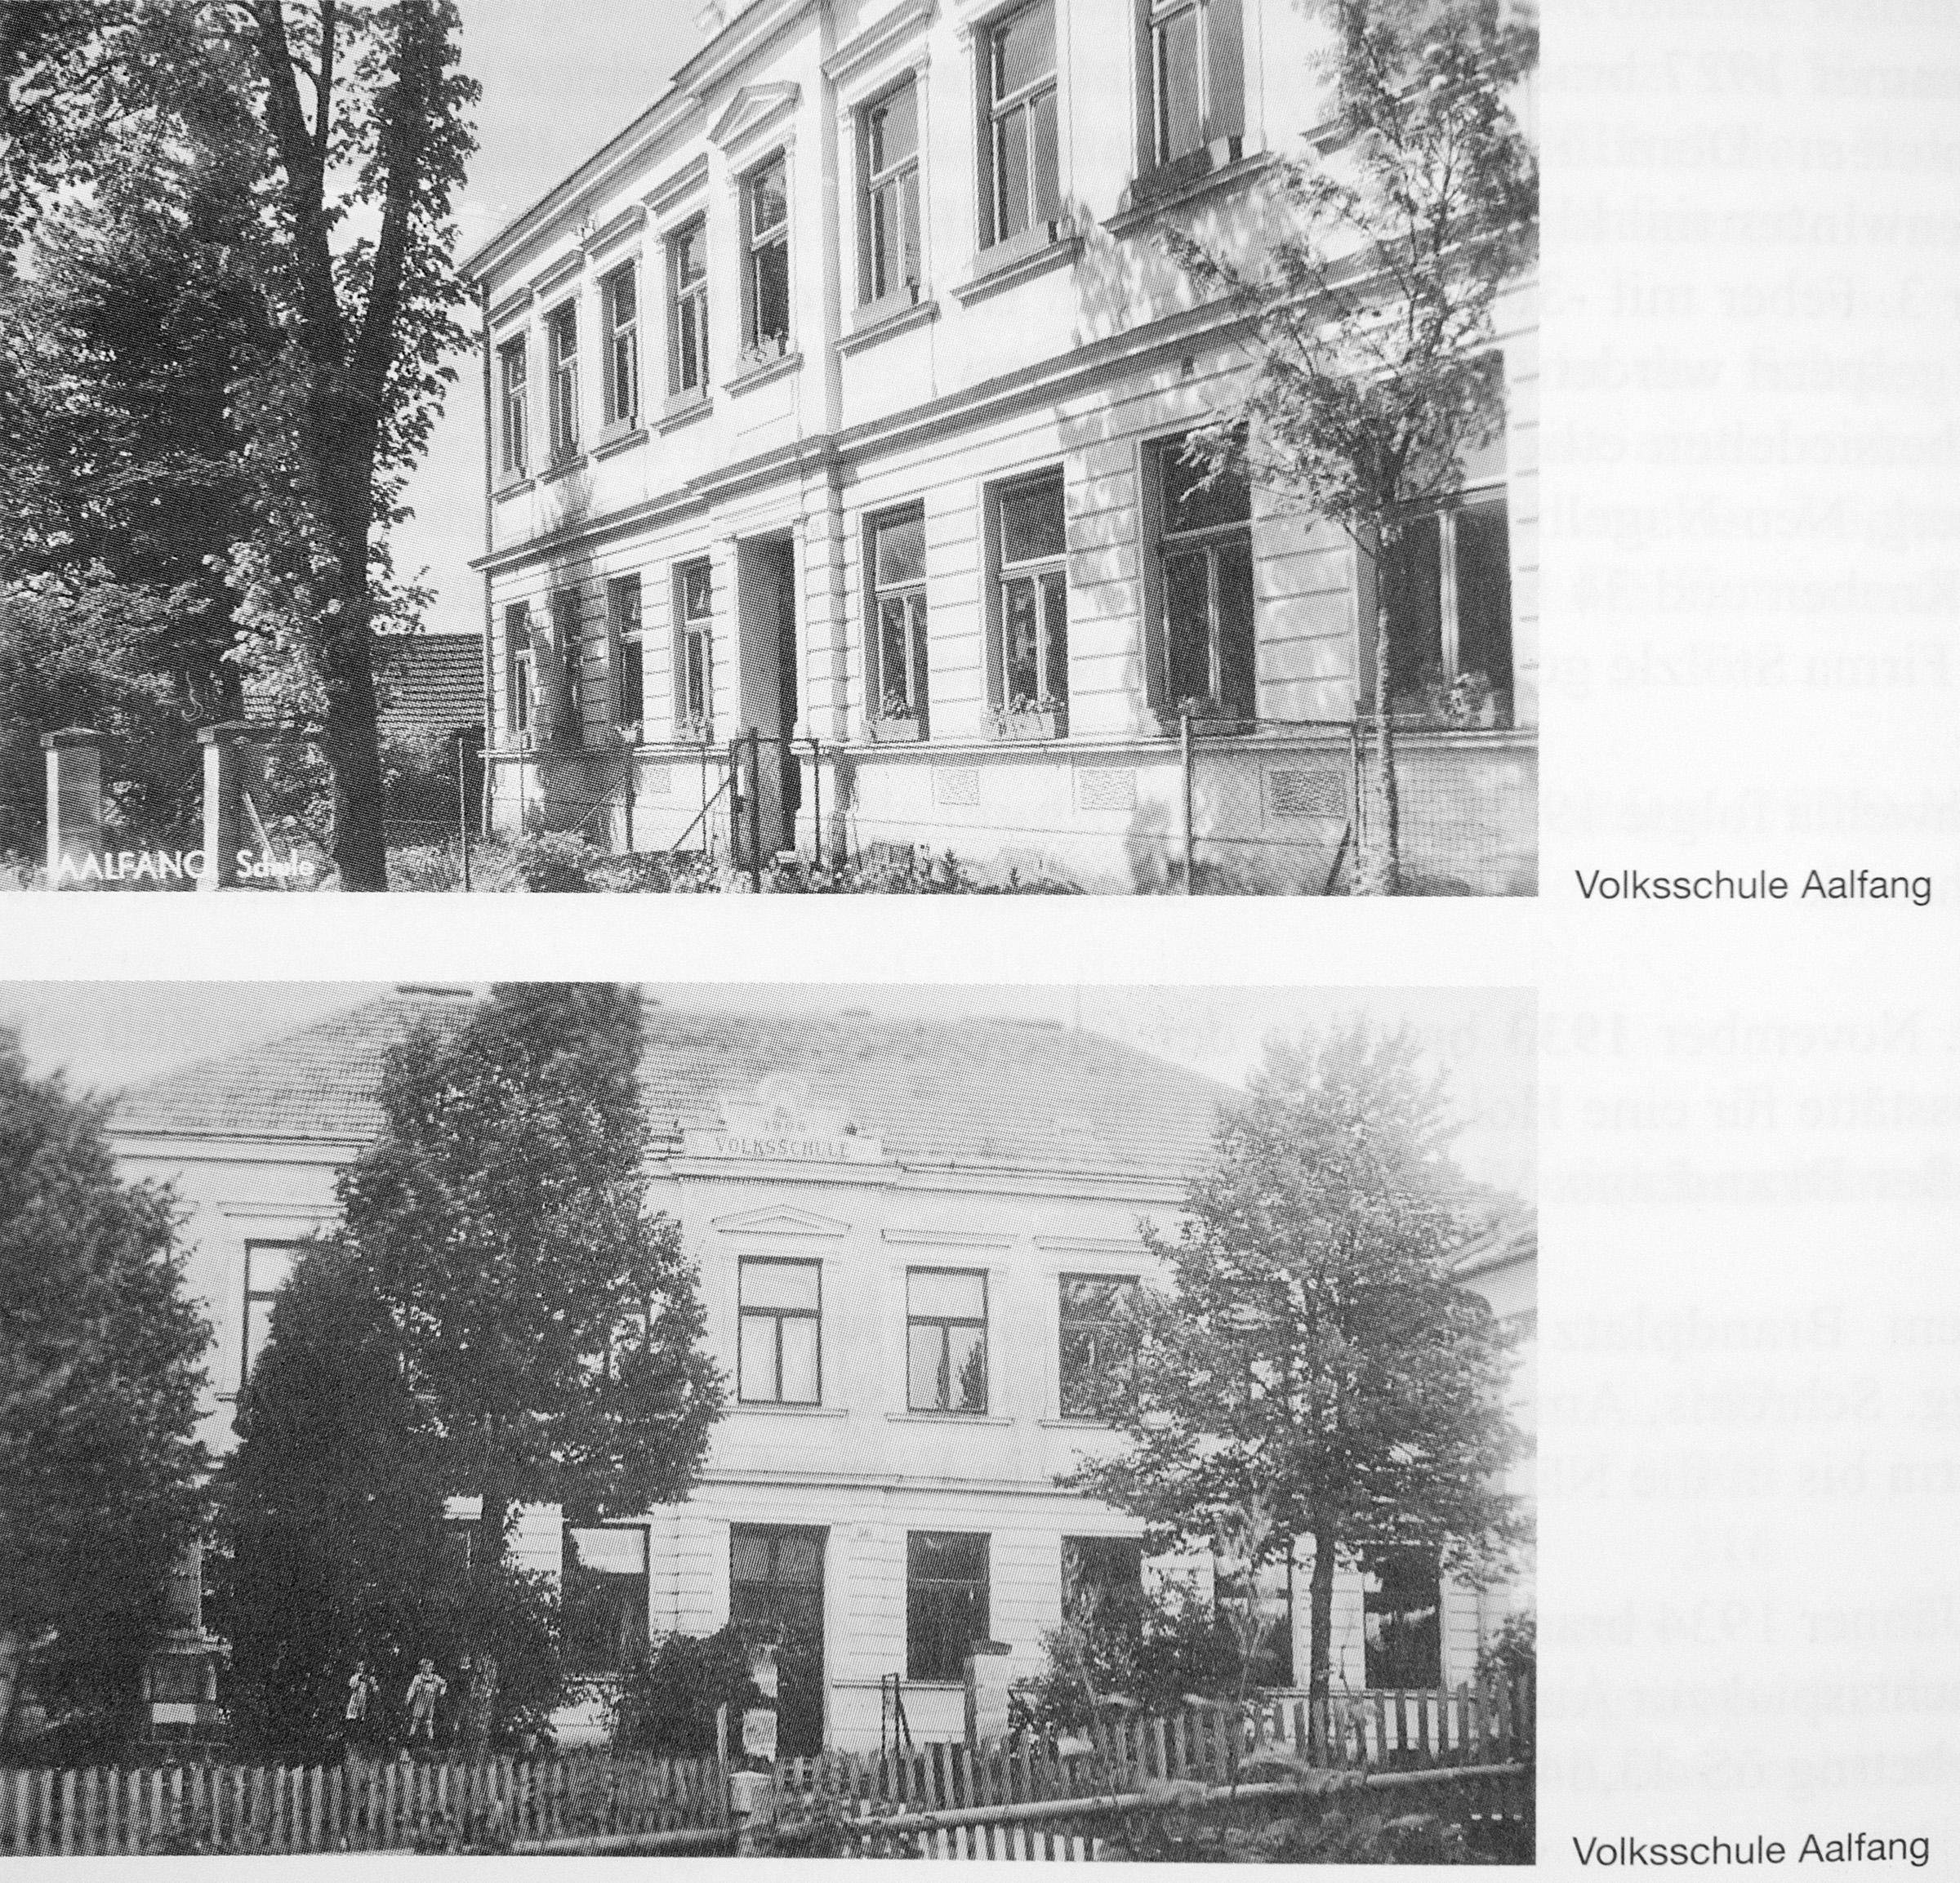 Volksschule Aalfang.jpg